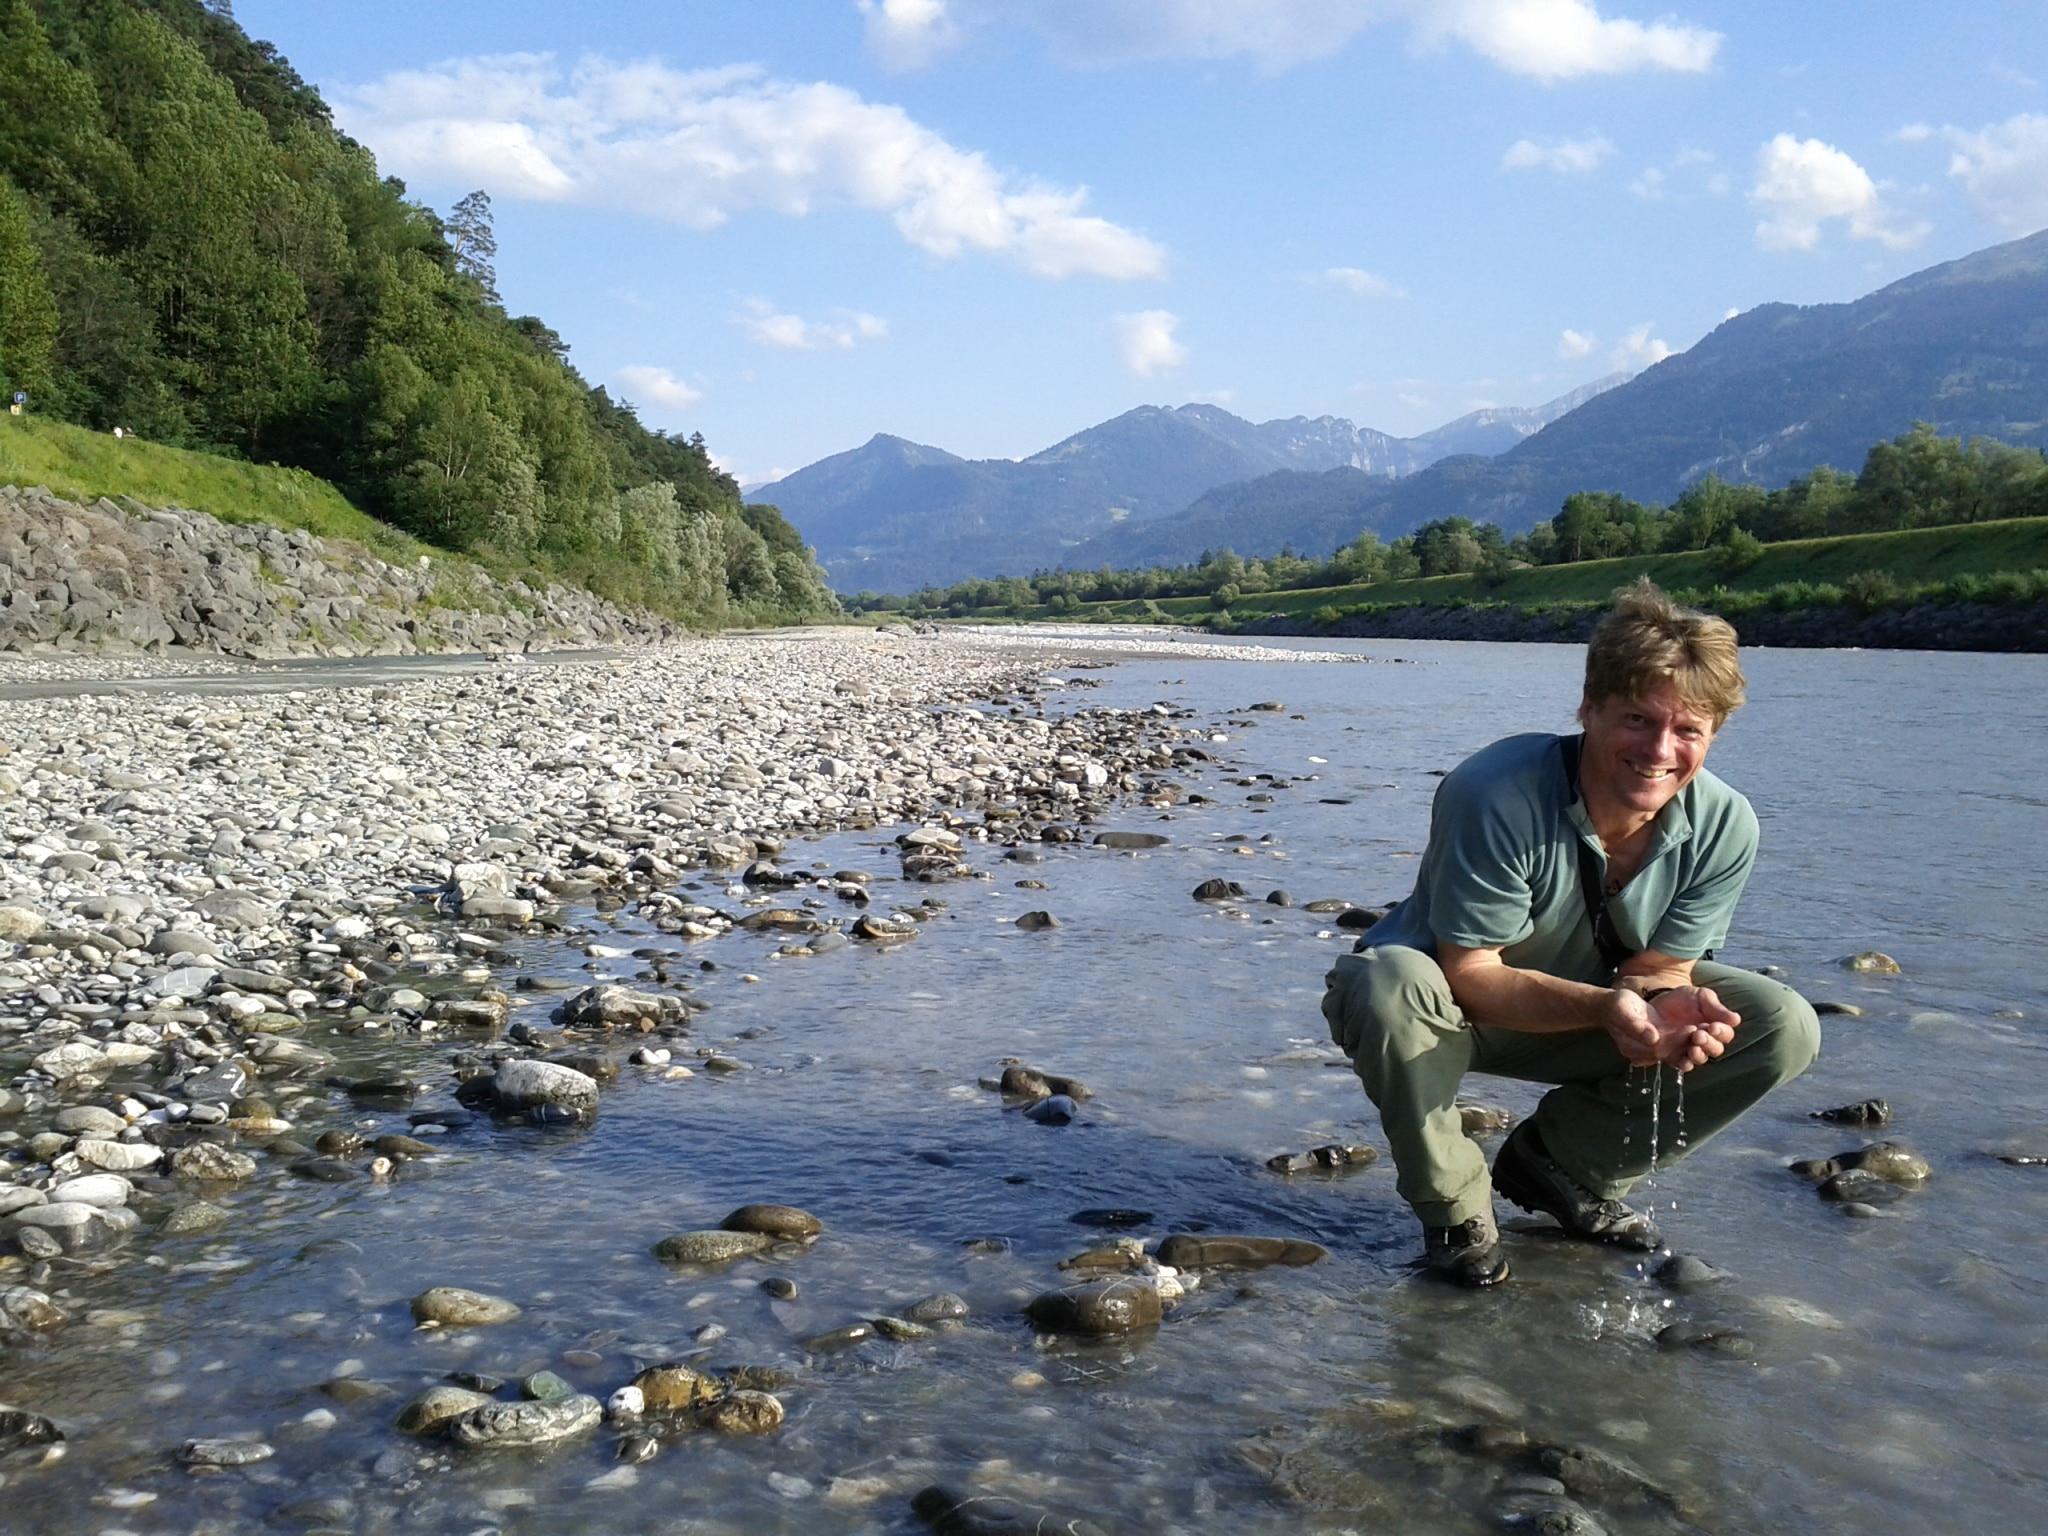 """5 de julho de 2011: """"Novo começo no rio Reno. A mesma posição, mas em outra direção do que em outubro no caiaque."""""""